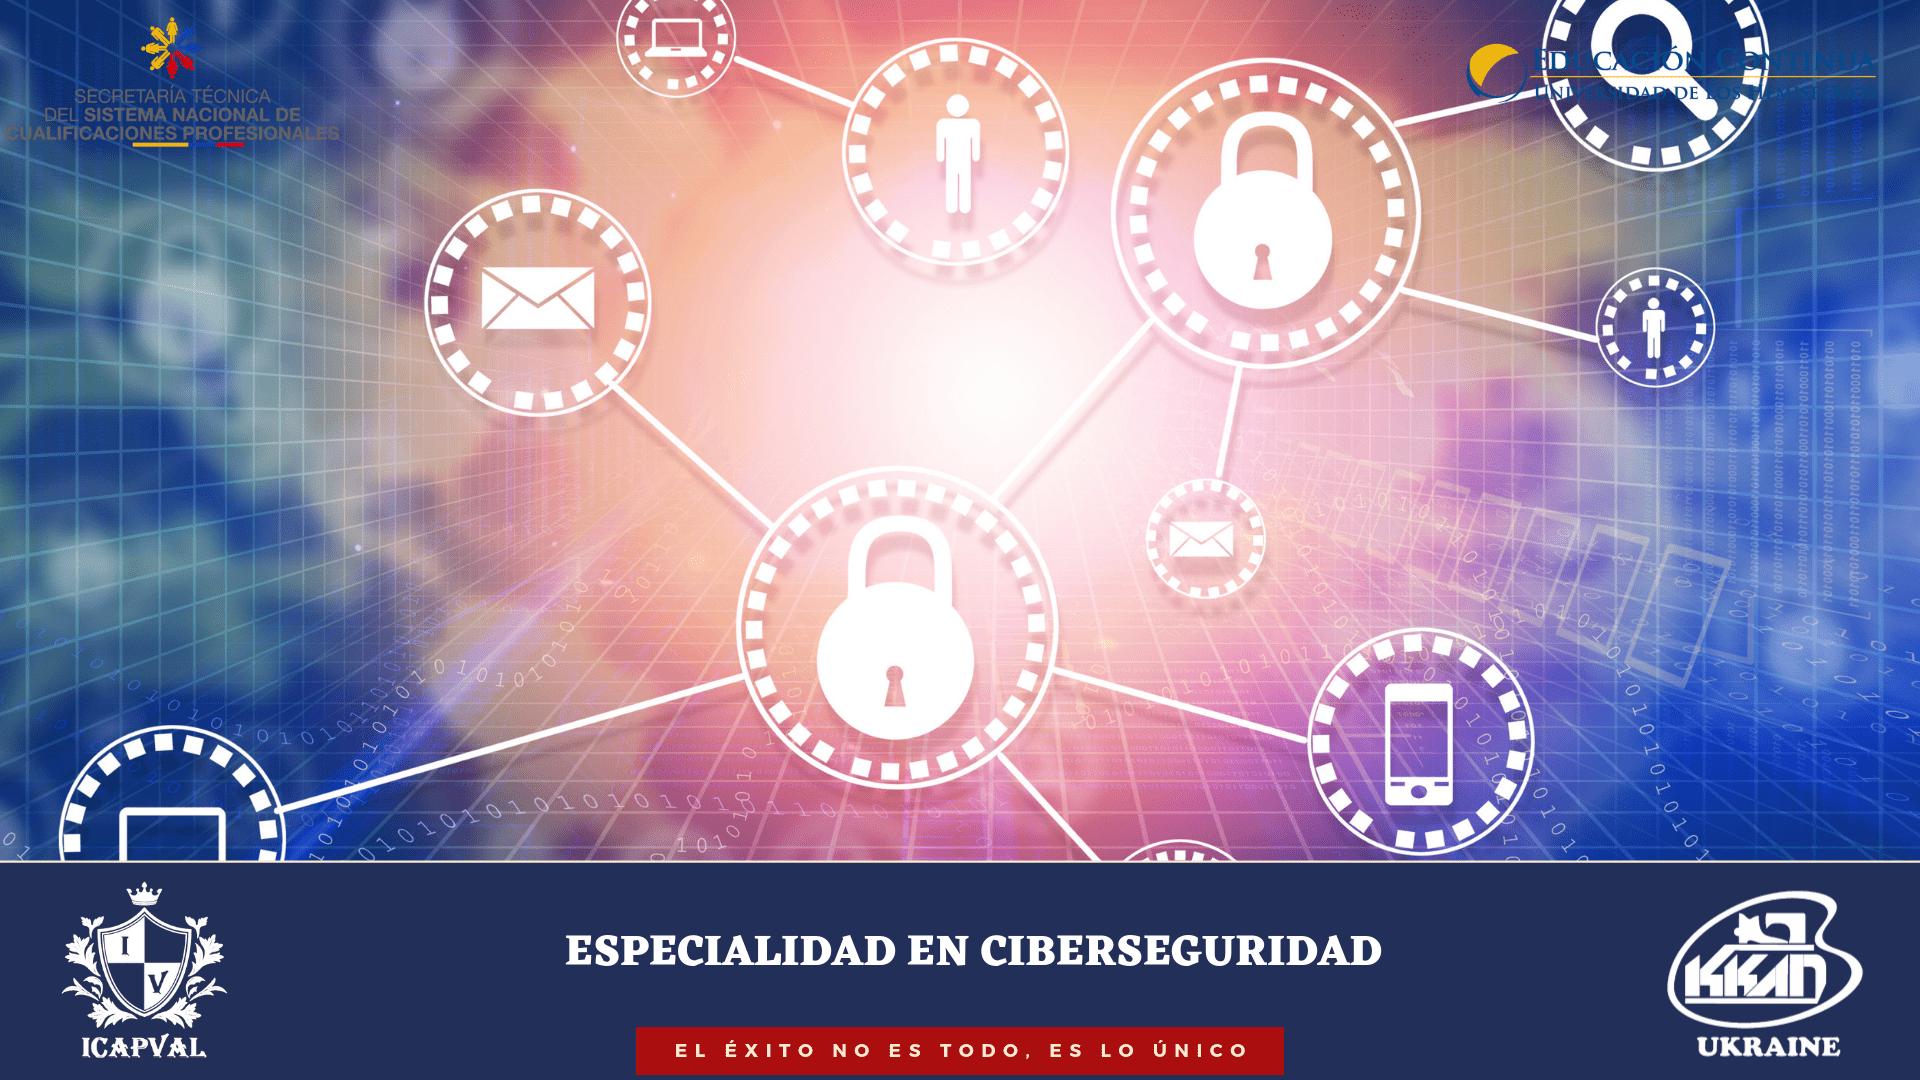 Especialidad en Ciberseguridad